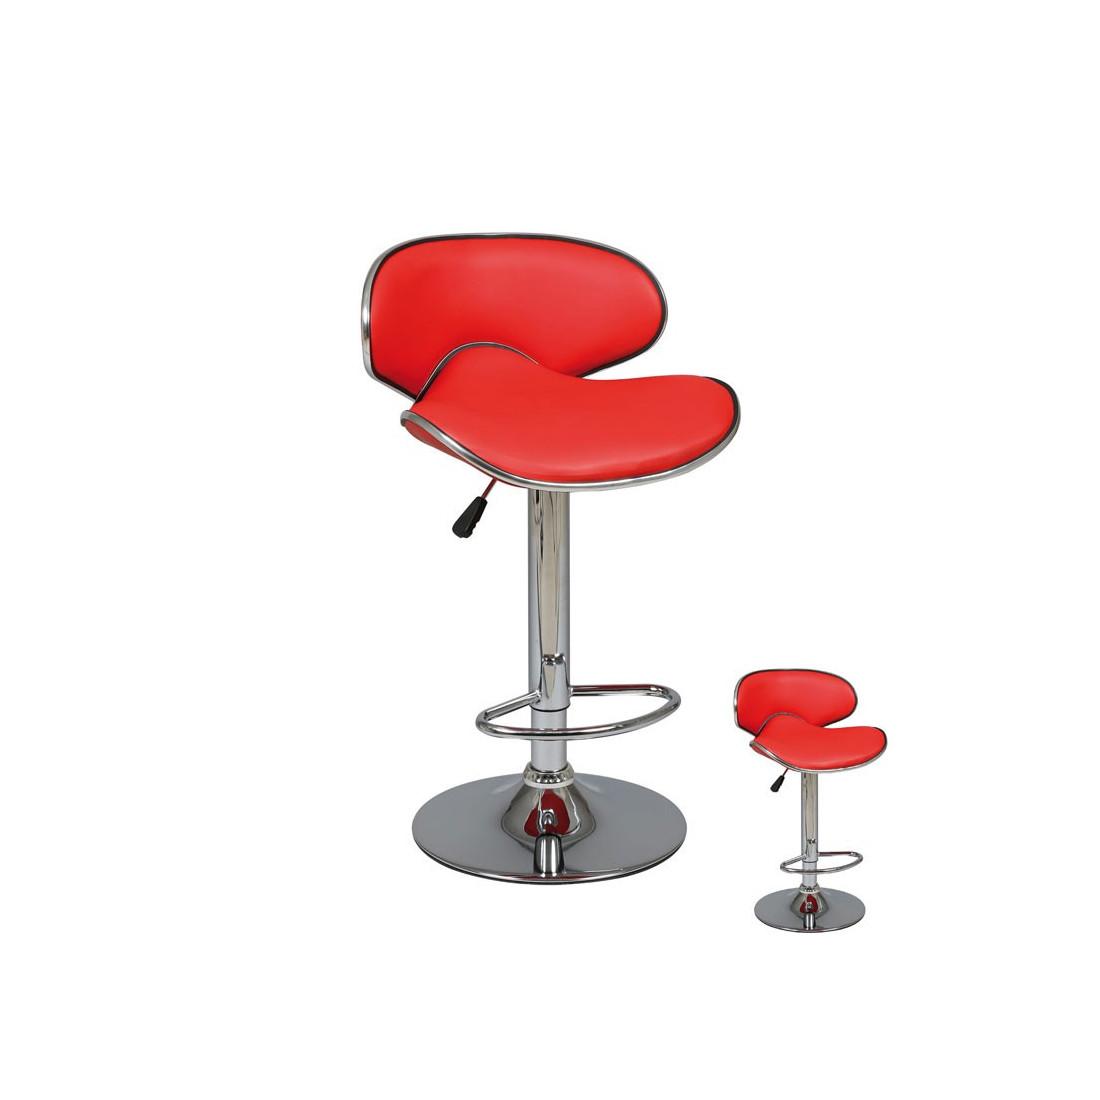 duo de tabourets de bar rouge florance univers du salon tousmesmeubles. Black Bedroom Furniture Sets. Home Design Ideas